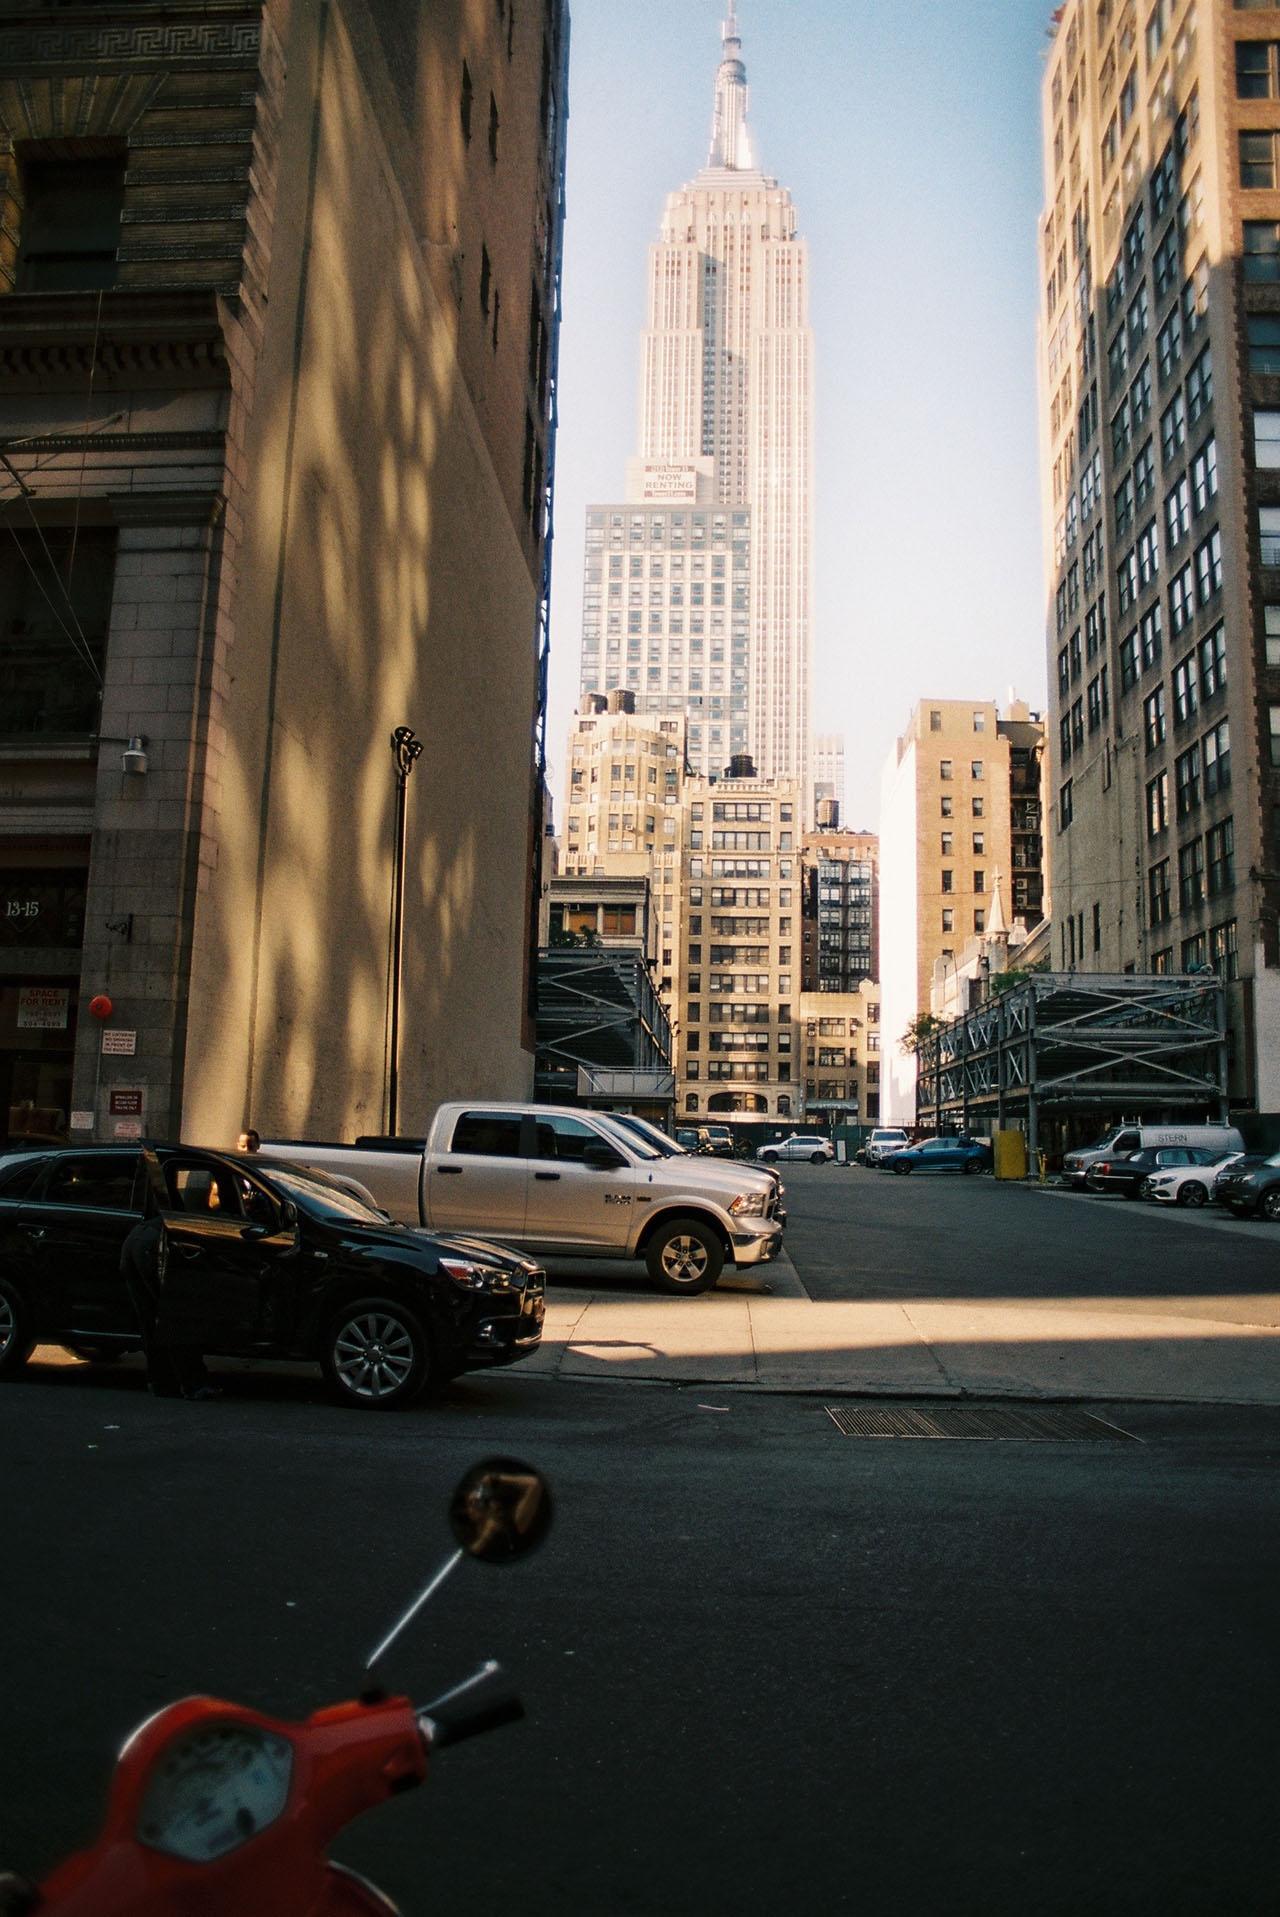 New York I feel you